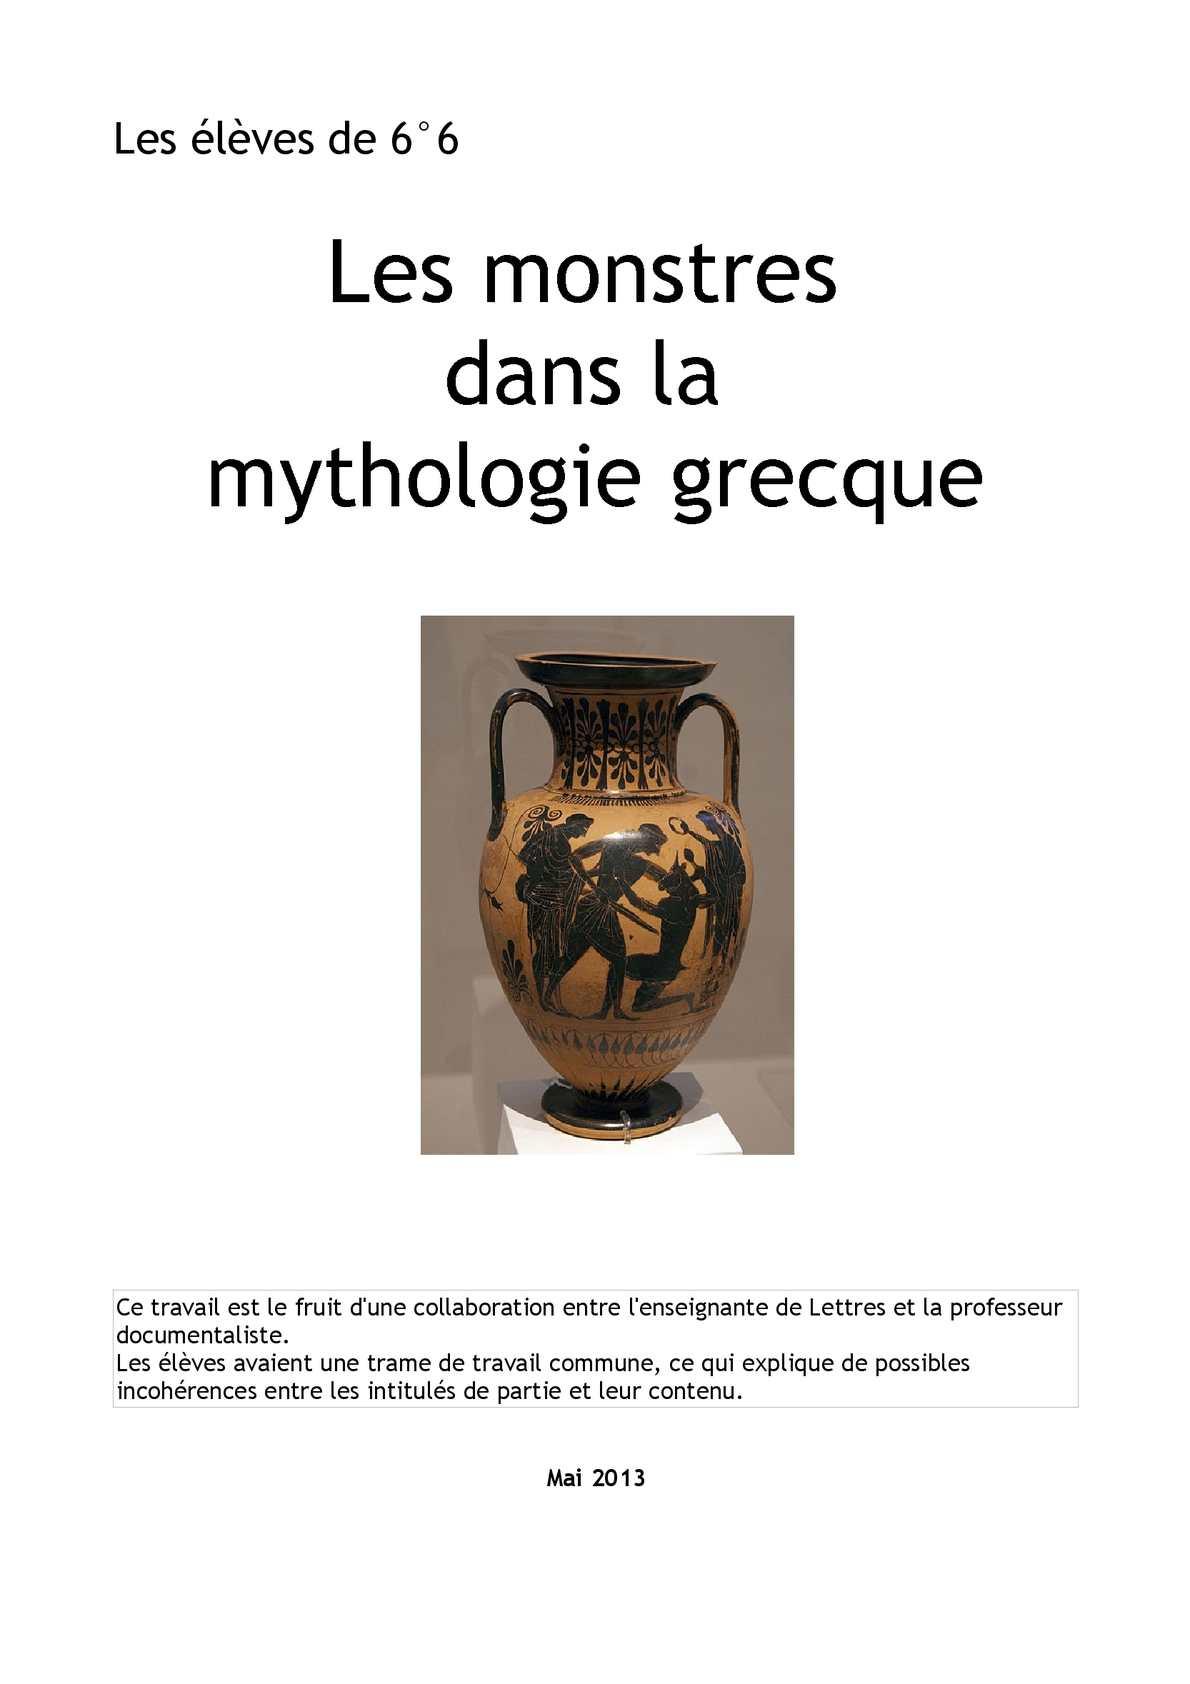 Les monstres dans la Mythologie grecque - 6°6